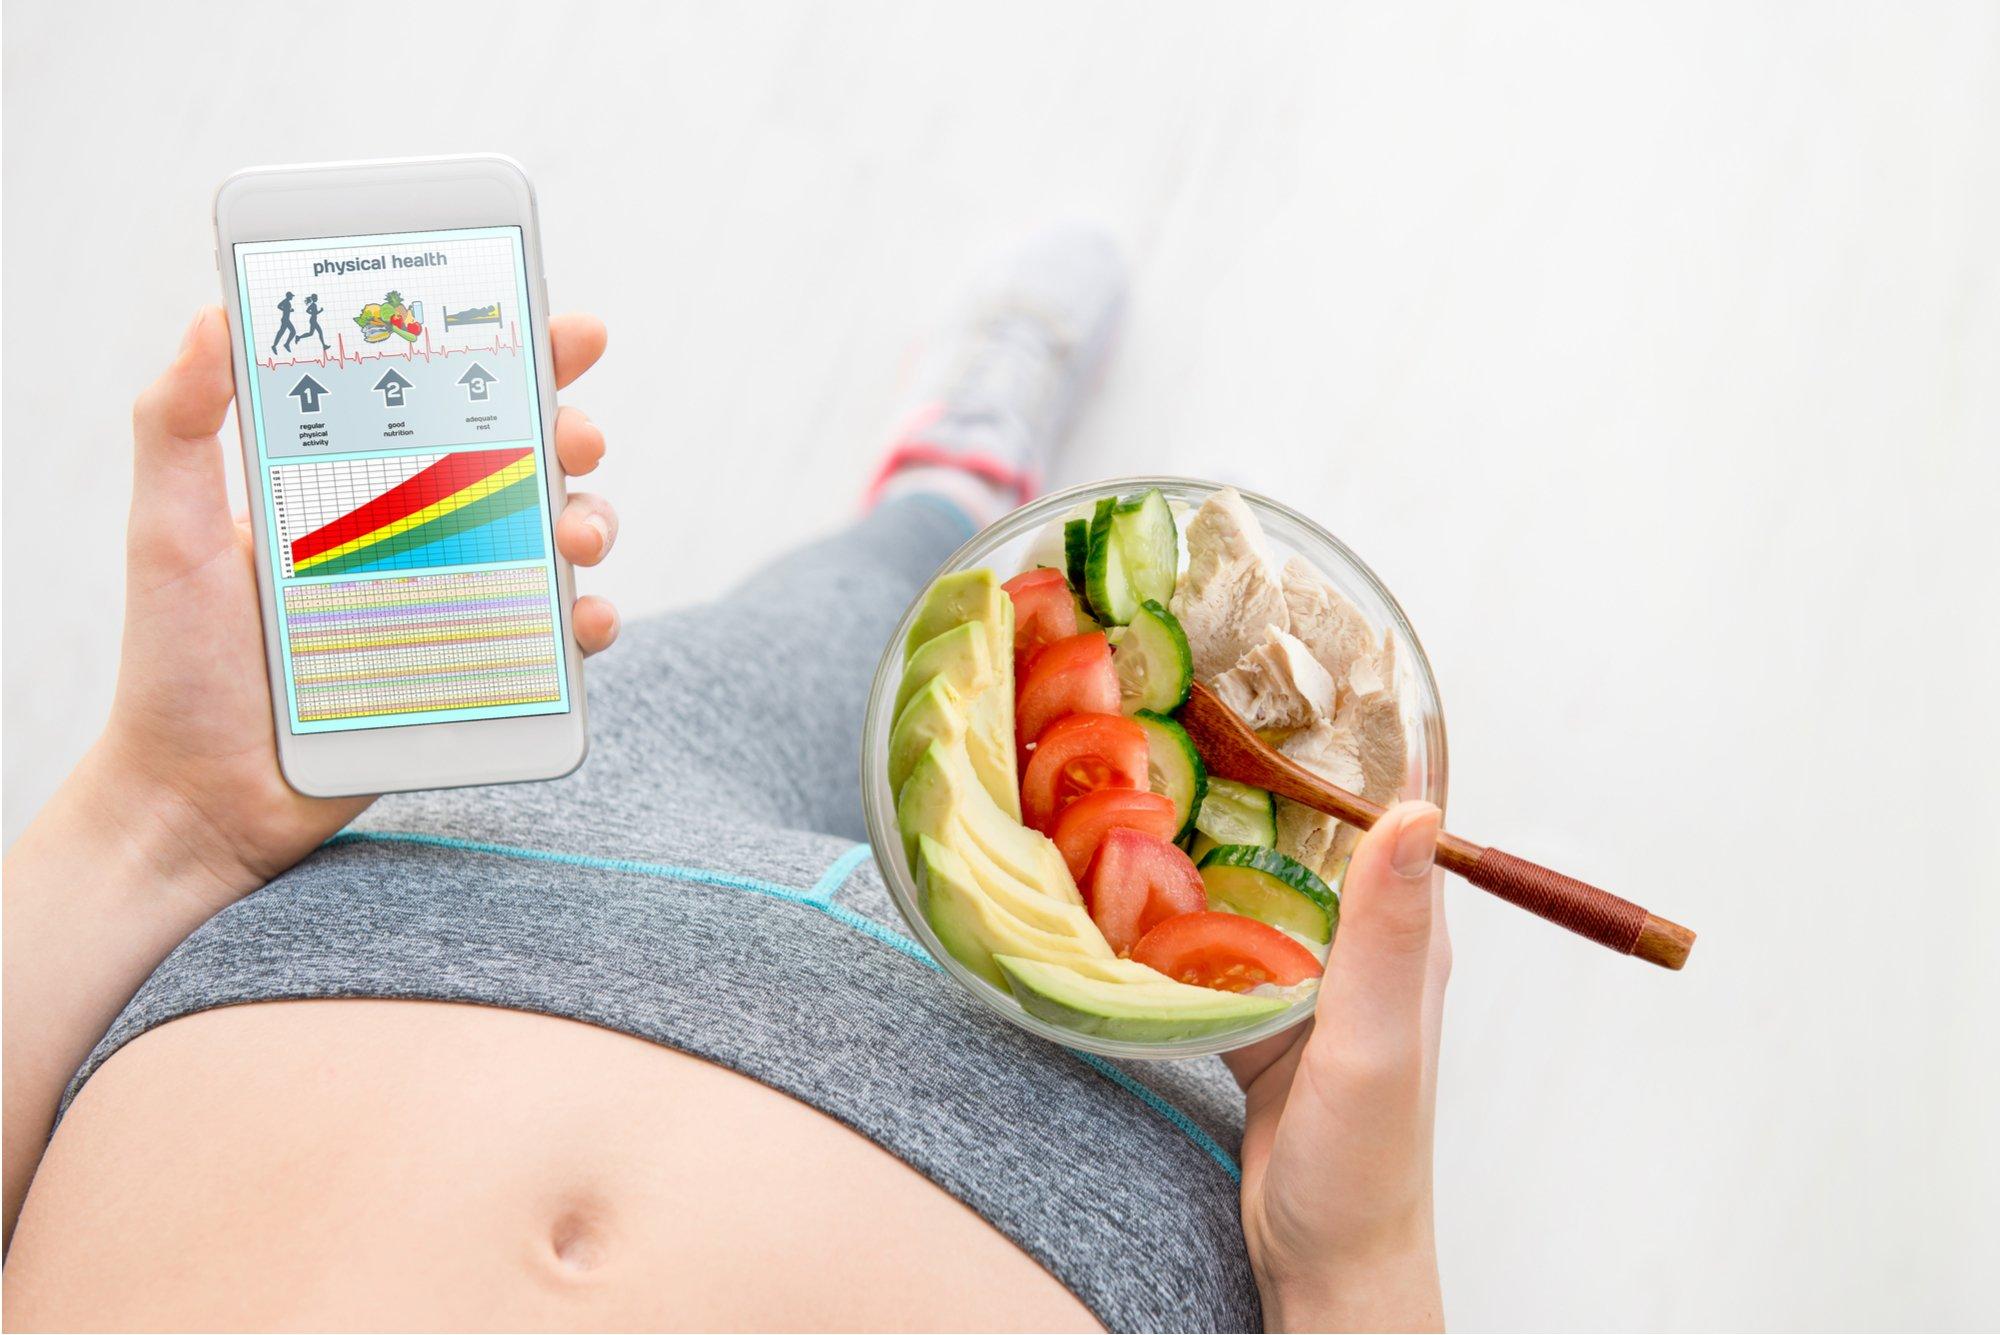 Топ-5 бесплатных приложений для правильного питания и подсчета калорий